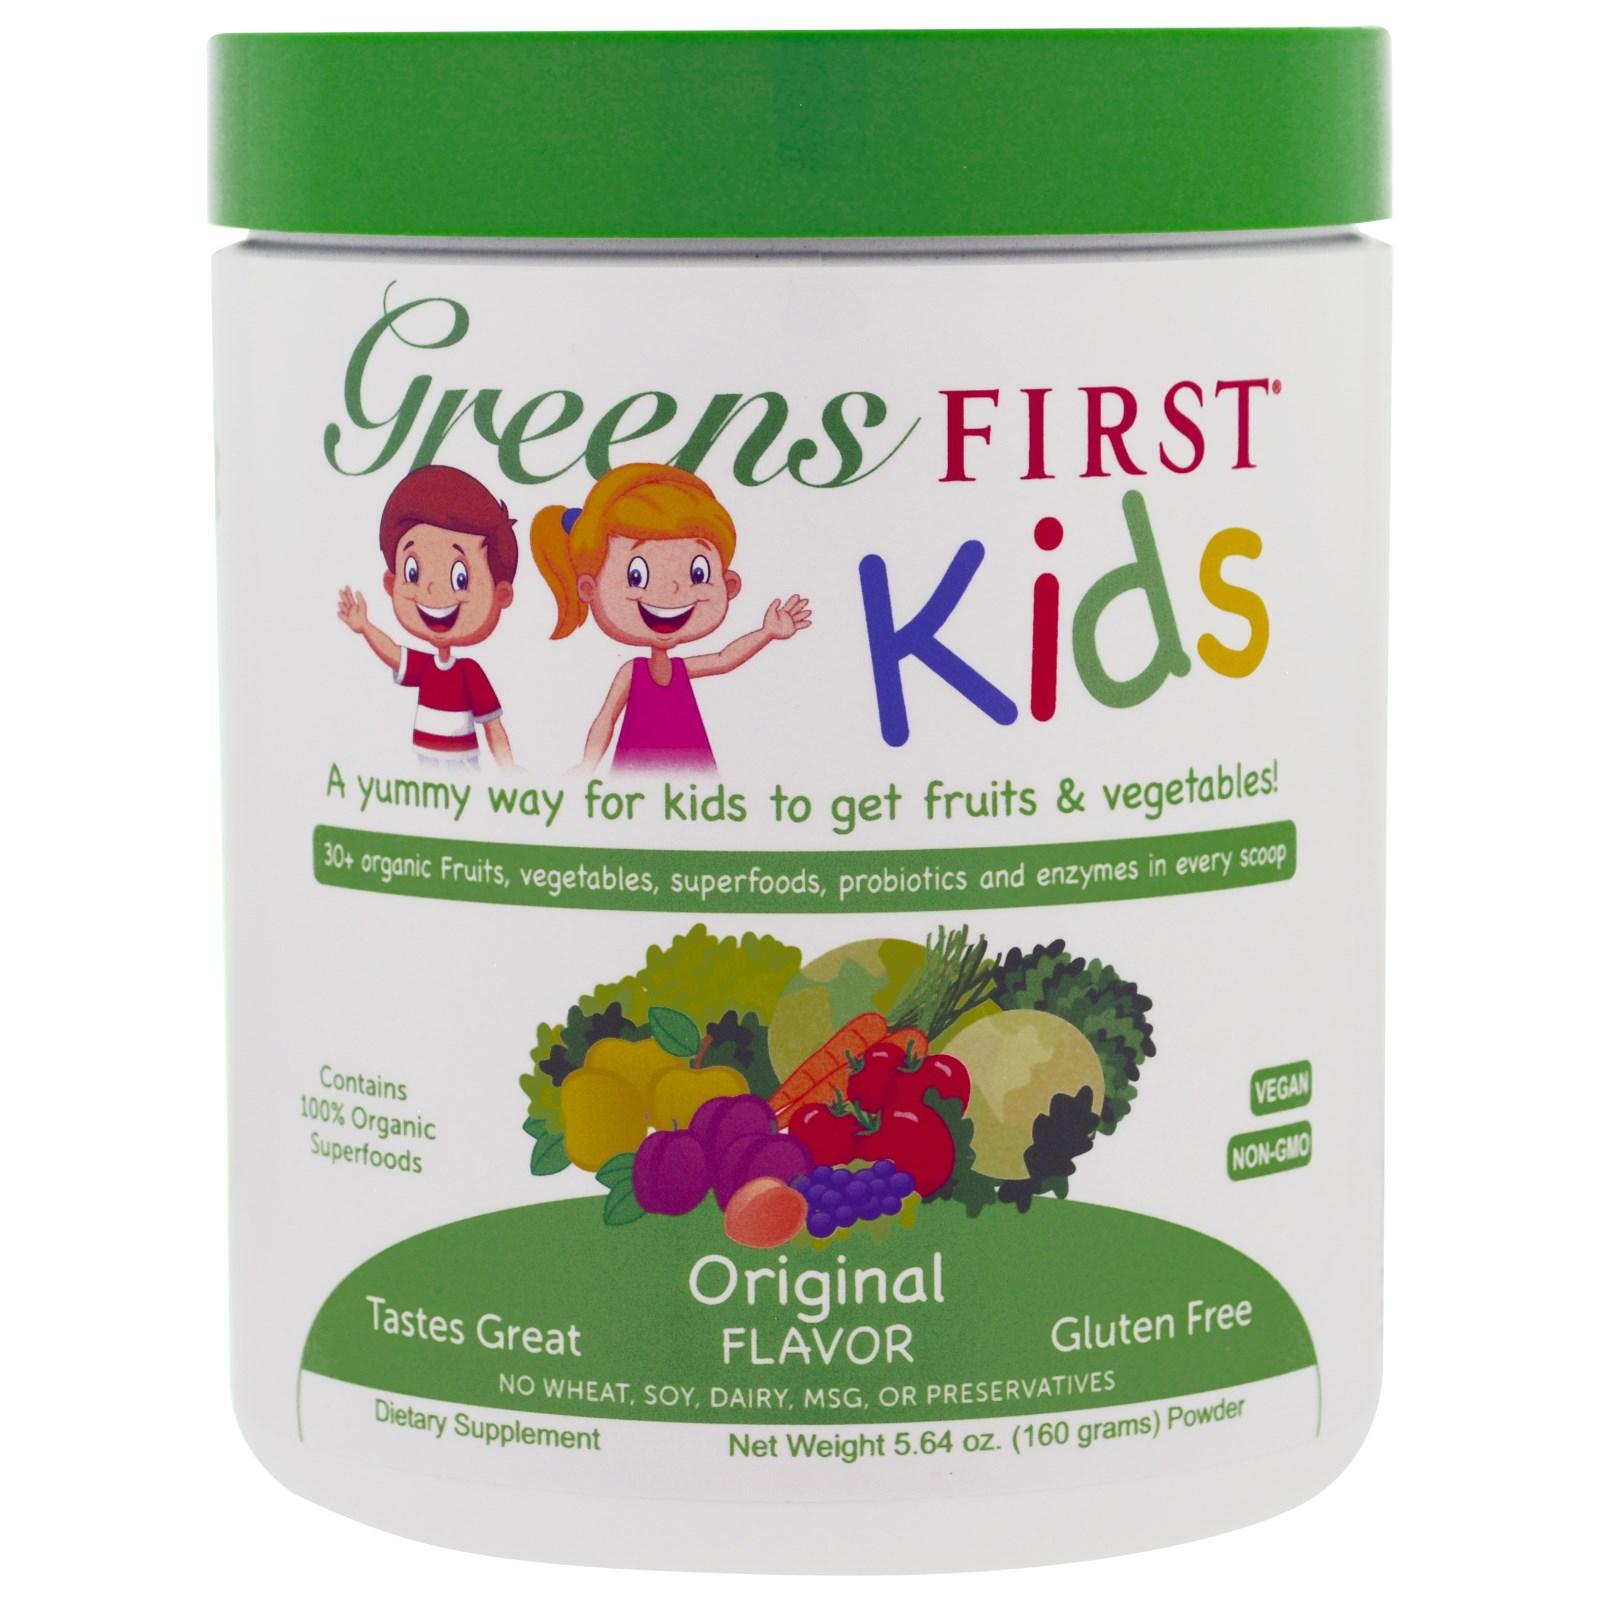 Greens First, Для детей, Коктейль с антиоксидантами и суперфудами, Оригинальный вкус, 5,64 унции (160 г)